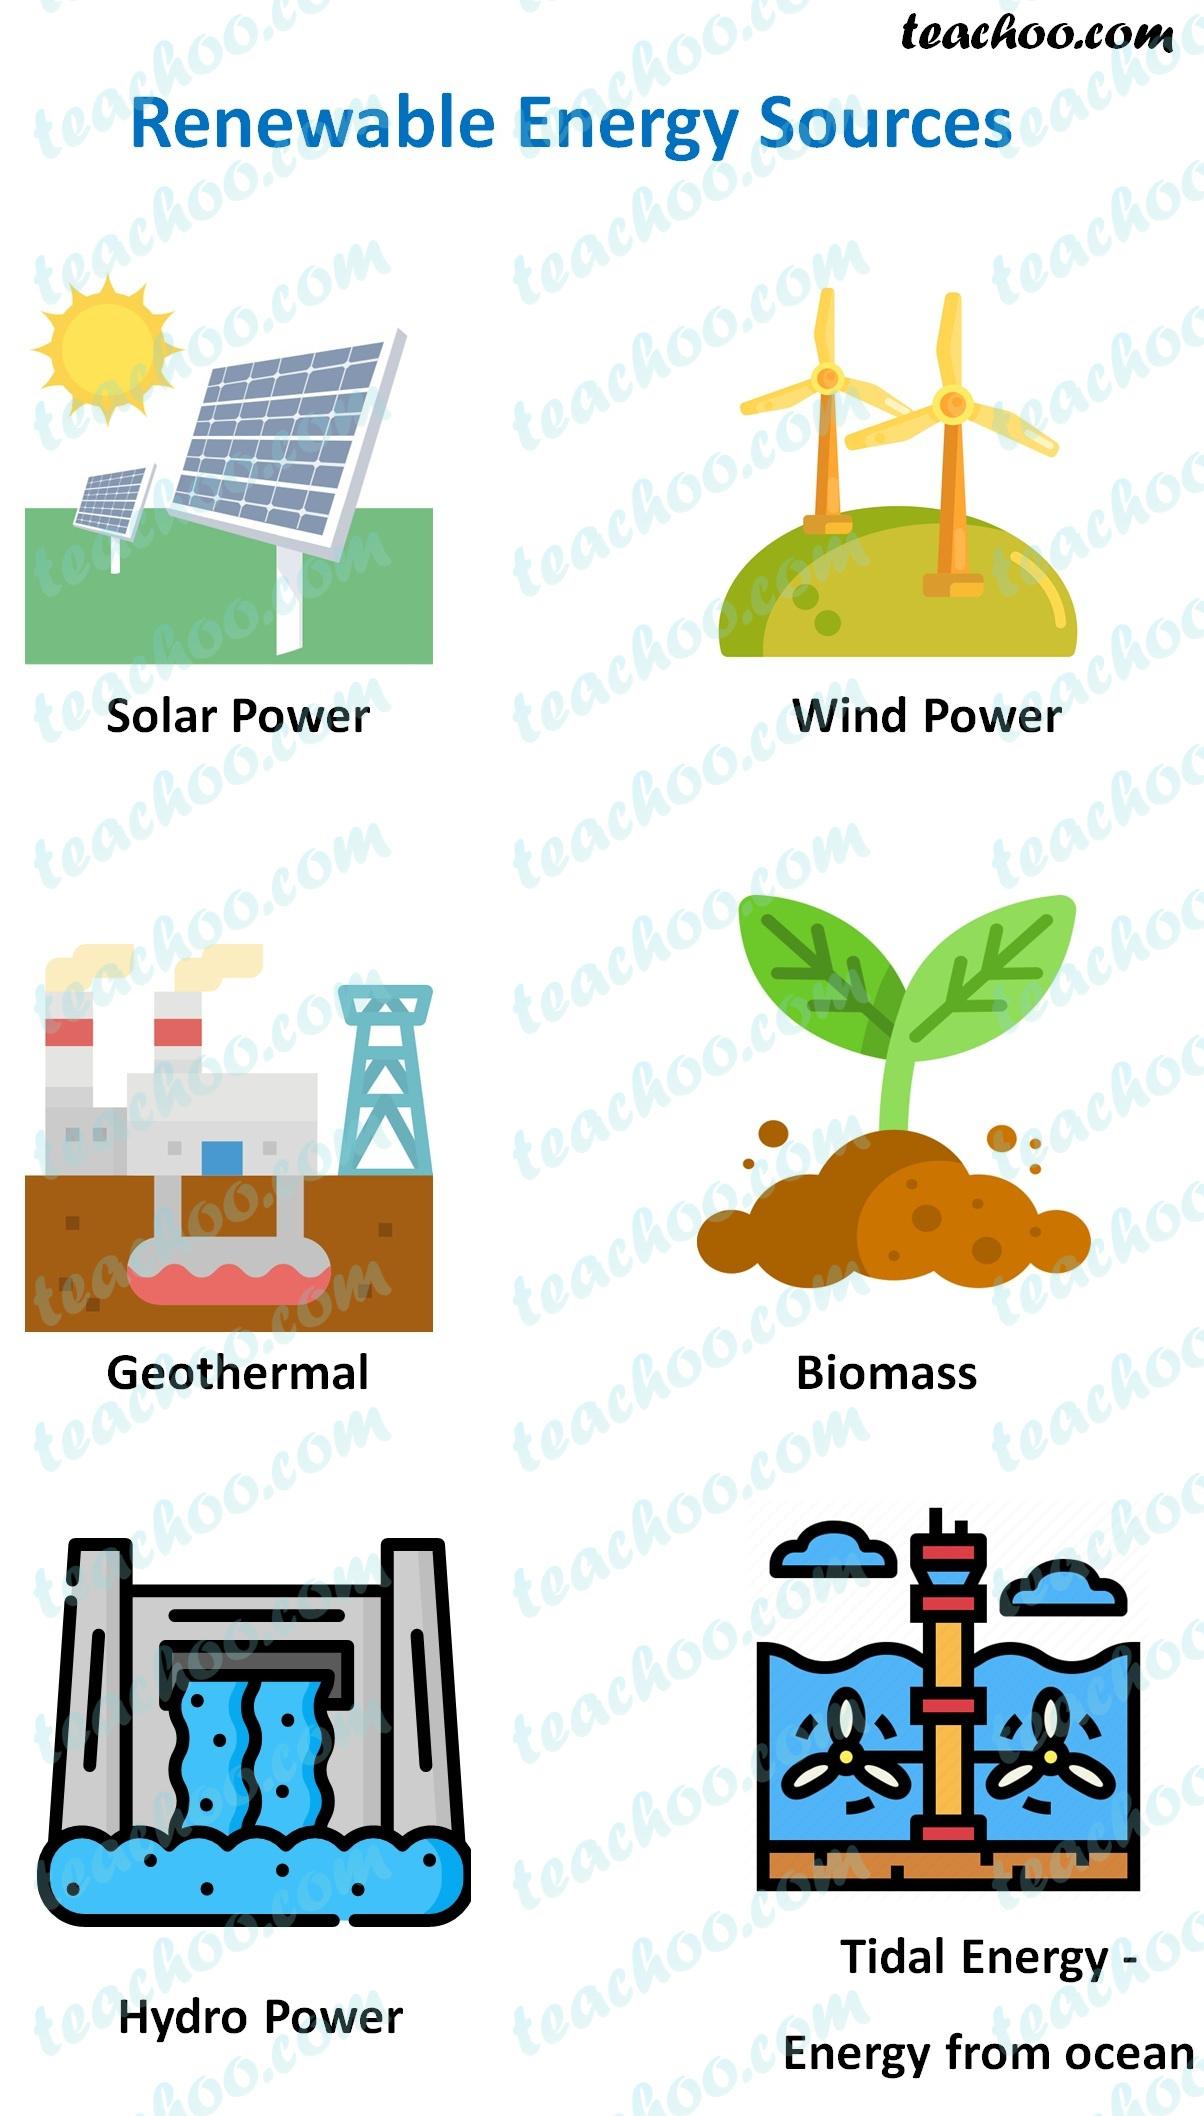 renewable-energy-sources---teachoo.jpg